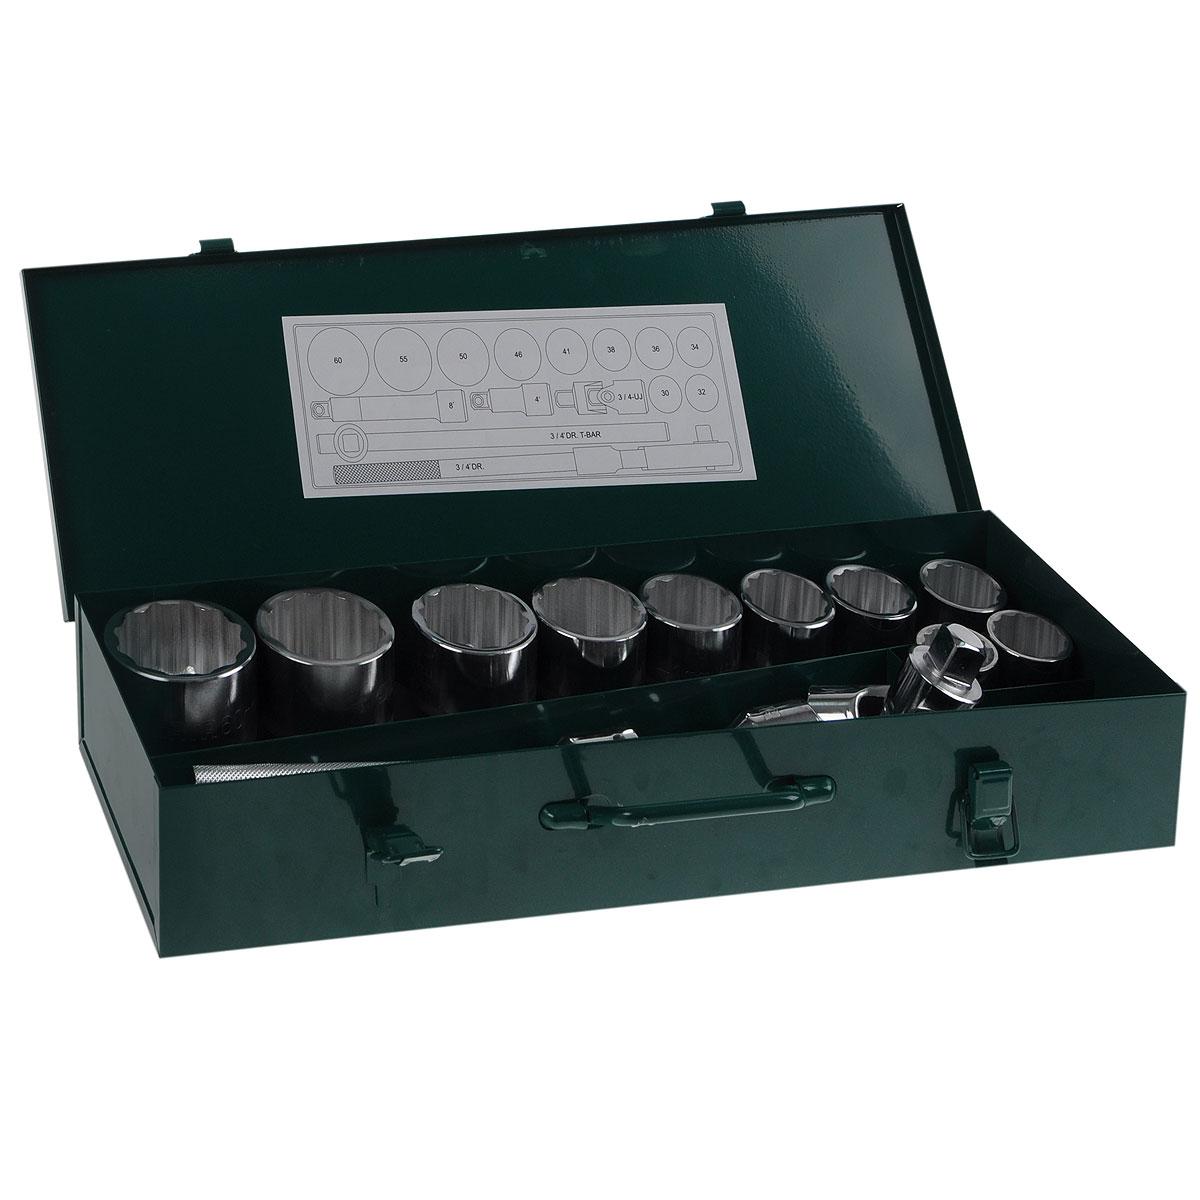 Набор торцевых головок SATA 15пр. 0901509015Набор инструментов Sata предназначен для монтажа/демонтажа резьбовых соединений. Все инструменты в наборе выполнены из высококачественной хромованадиевой стали. Металлический кейс для переноски и хранения Состав набора: Головки торцевые (12 граней): 30 мм, 32 мм, 34 мм, 36 мм, 38 мм, 41 мм, 46 мм, 50 мм, 55 мм, 60 мм. Быстросъемная храповая рукоятка 3/4. Вороток со скользящей перекладиной 3/4. Удлинители длиной 4 дюйма и 8 дюймов Карданный шарнир.